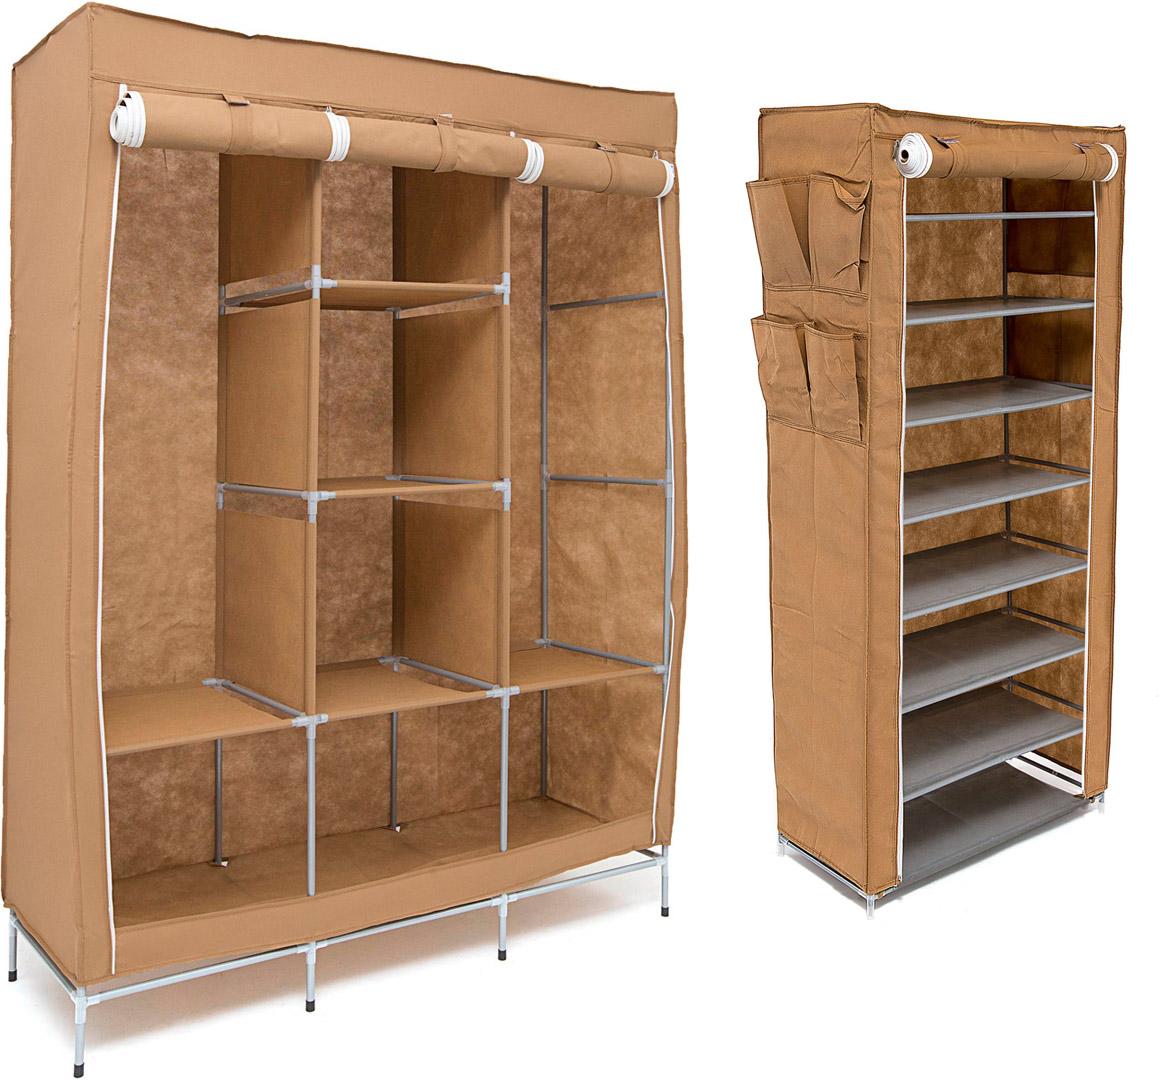 Набор кофров для хранения Homsu Medium, цвет: коричневый, 2 штS03301004Уникальный дизайн этого комплекта станет настоящим украшением для любого интерьера. Практичная составляющая подобной мебели также вне сомнений. Лёгкие и прочные устойчивые конструкции из каркасов и тканевой обивки могут быть легко собраны вами без посторонней помощи, буквально за несколько минут.Такая мебель будет всегда удобной и максимально практичной, ведь верхнюю тканевую часть при надобности можно всегда постирать либо же попросту поменять на аналогичную другого цвета. Кроме того, такие конструкции всегда будут отличным решением для того, кому по душе мобильность и постоянная смена обстановки. 1300х450х1720; 600х300х1360